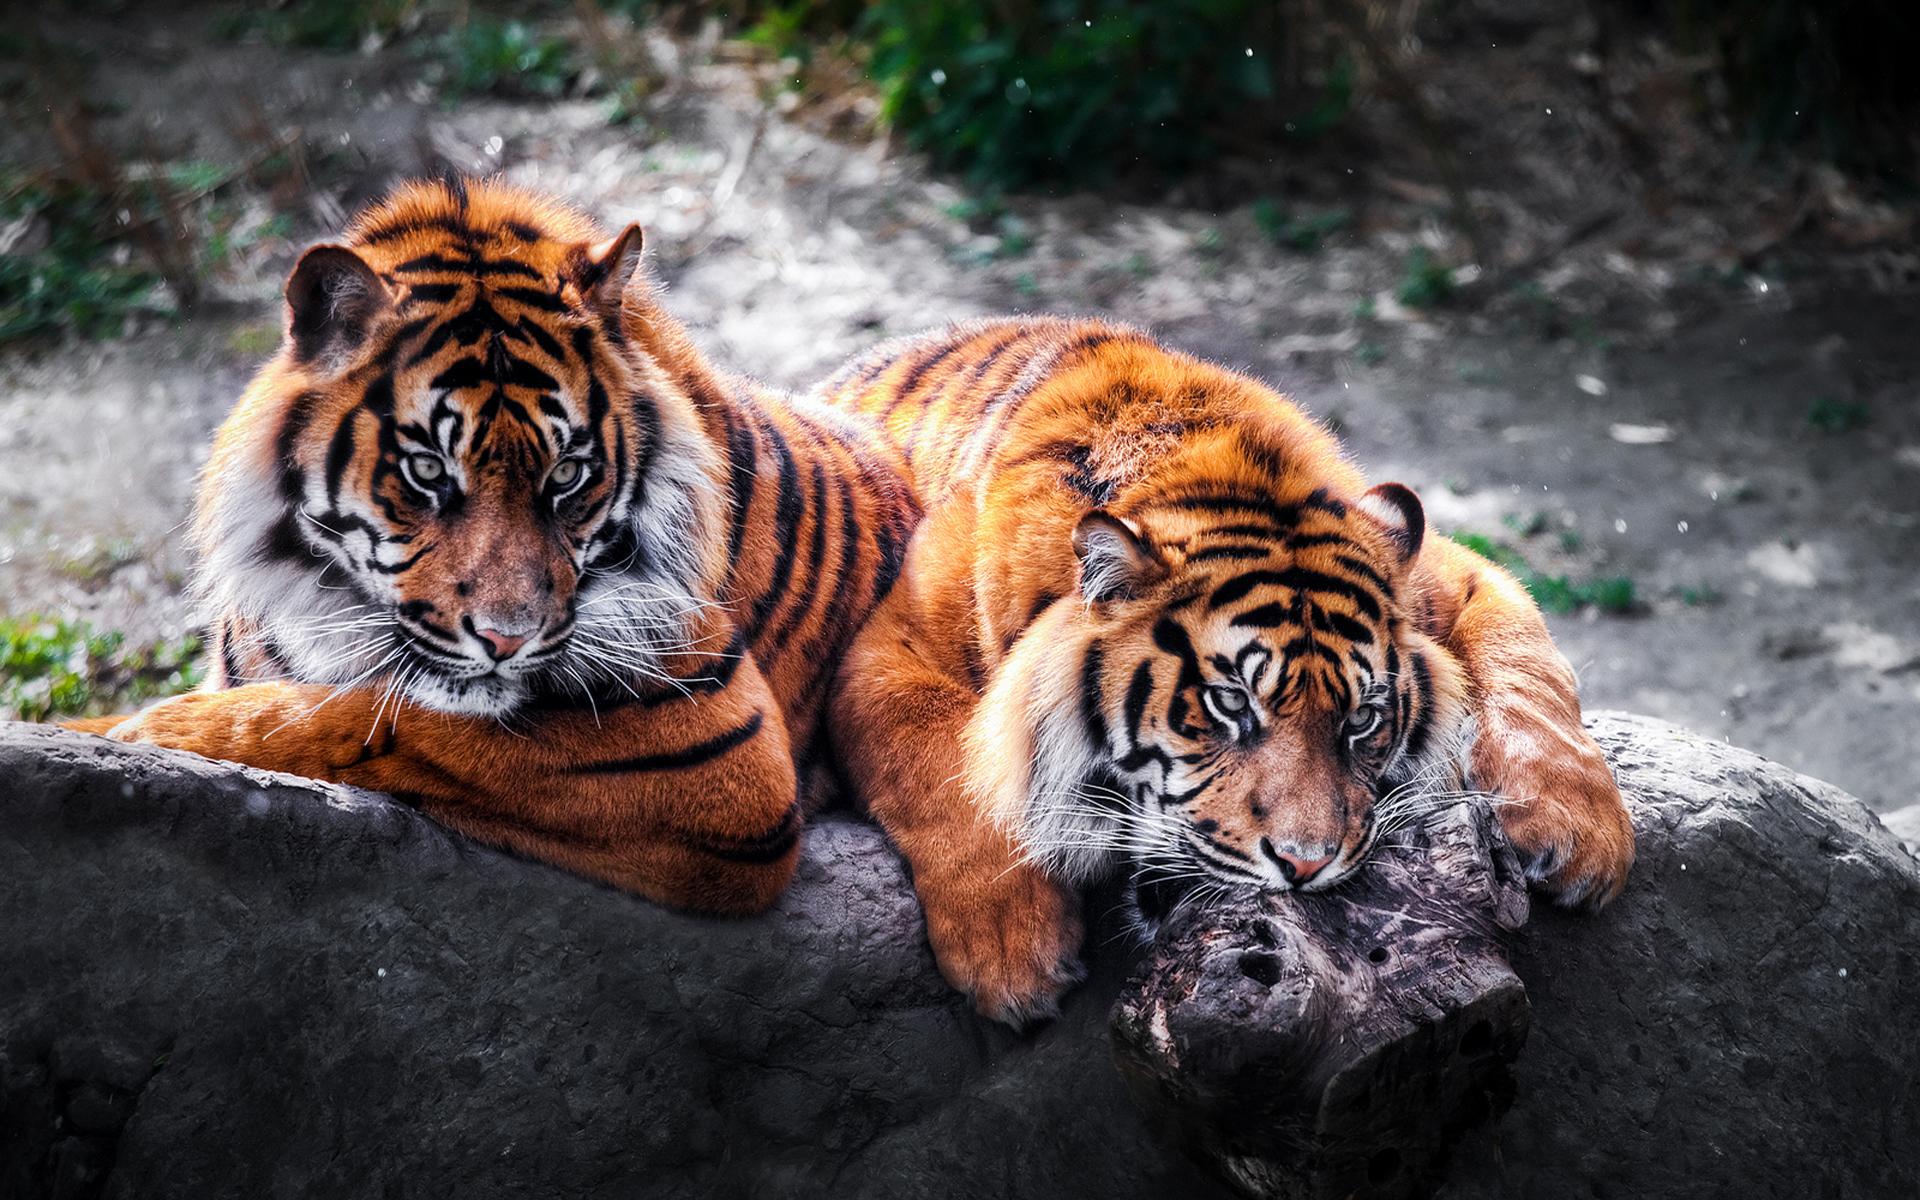 Wild Tigers HD Wallpaper 1920x1200